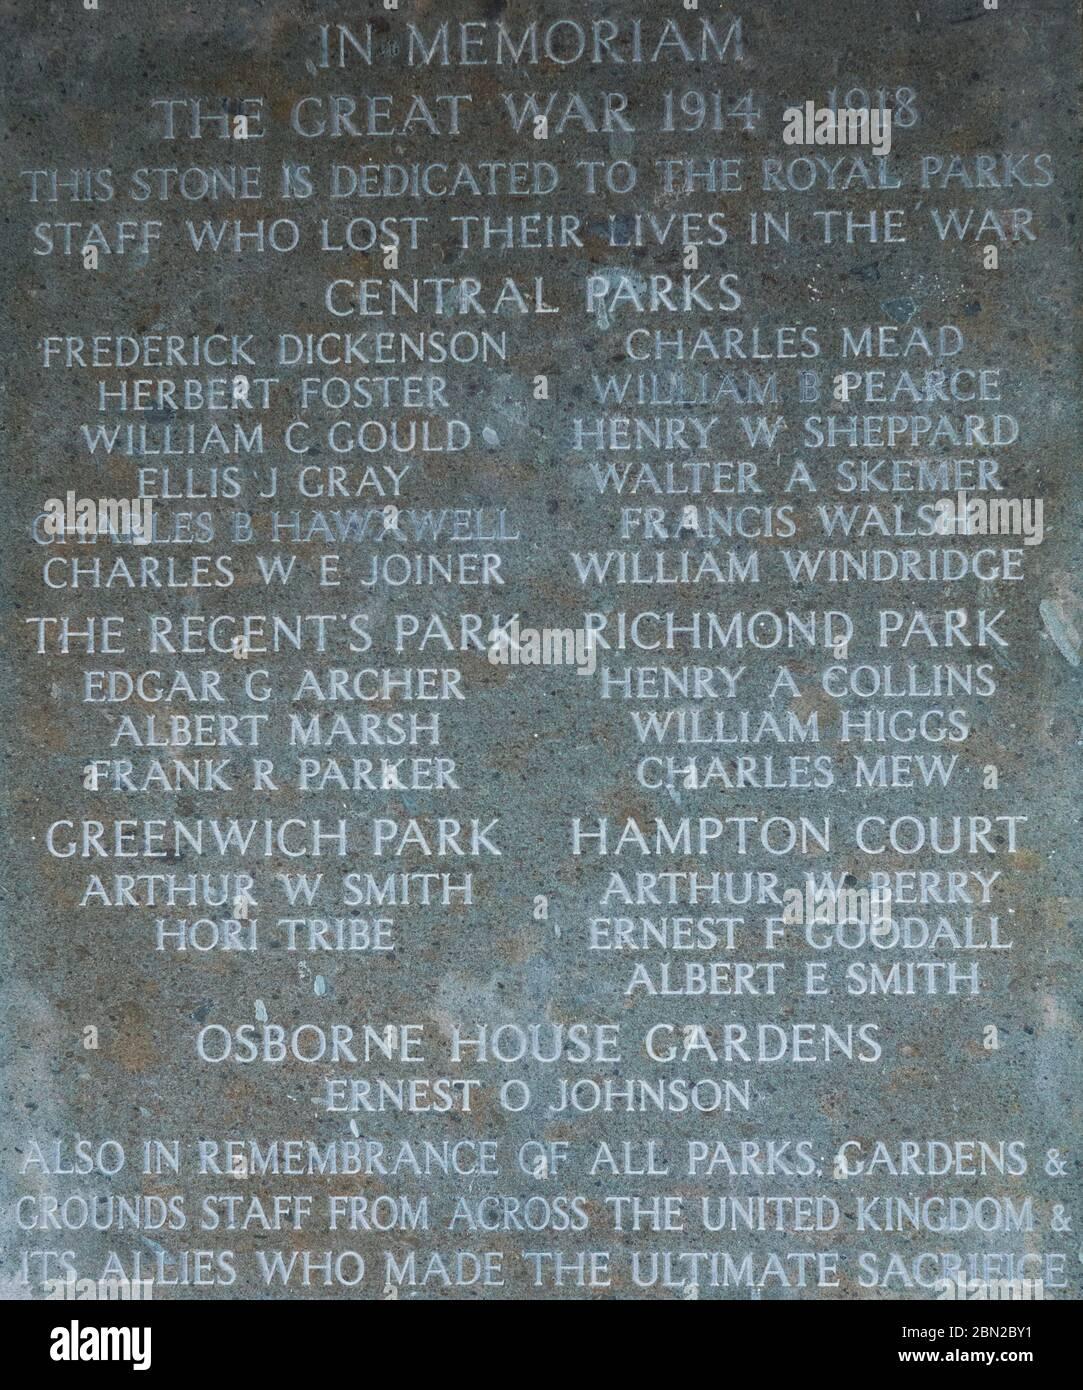 Placa que Marca a los empleados de Royal Parks que cayeron en la Gran Guerra, en la pared de la columnata en el cementerio Brompton, Kensington, Londres, construido en 1840. Foto de stock